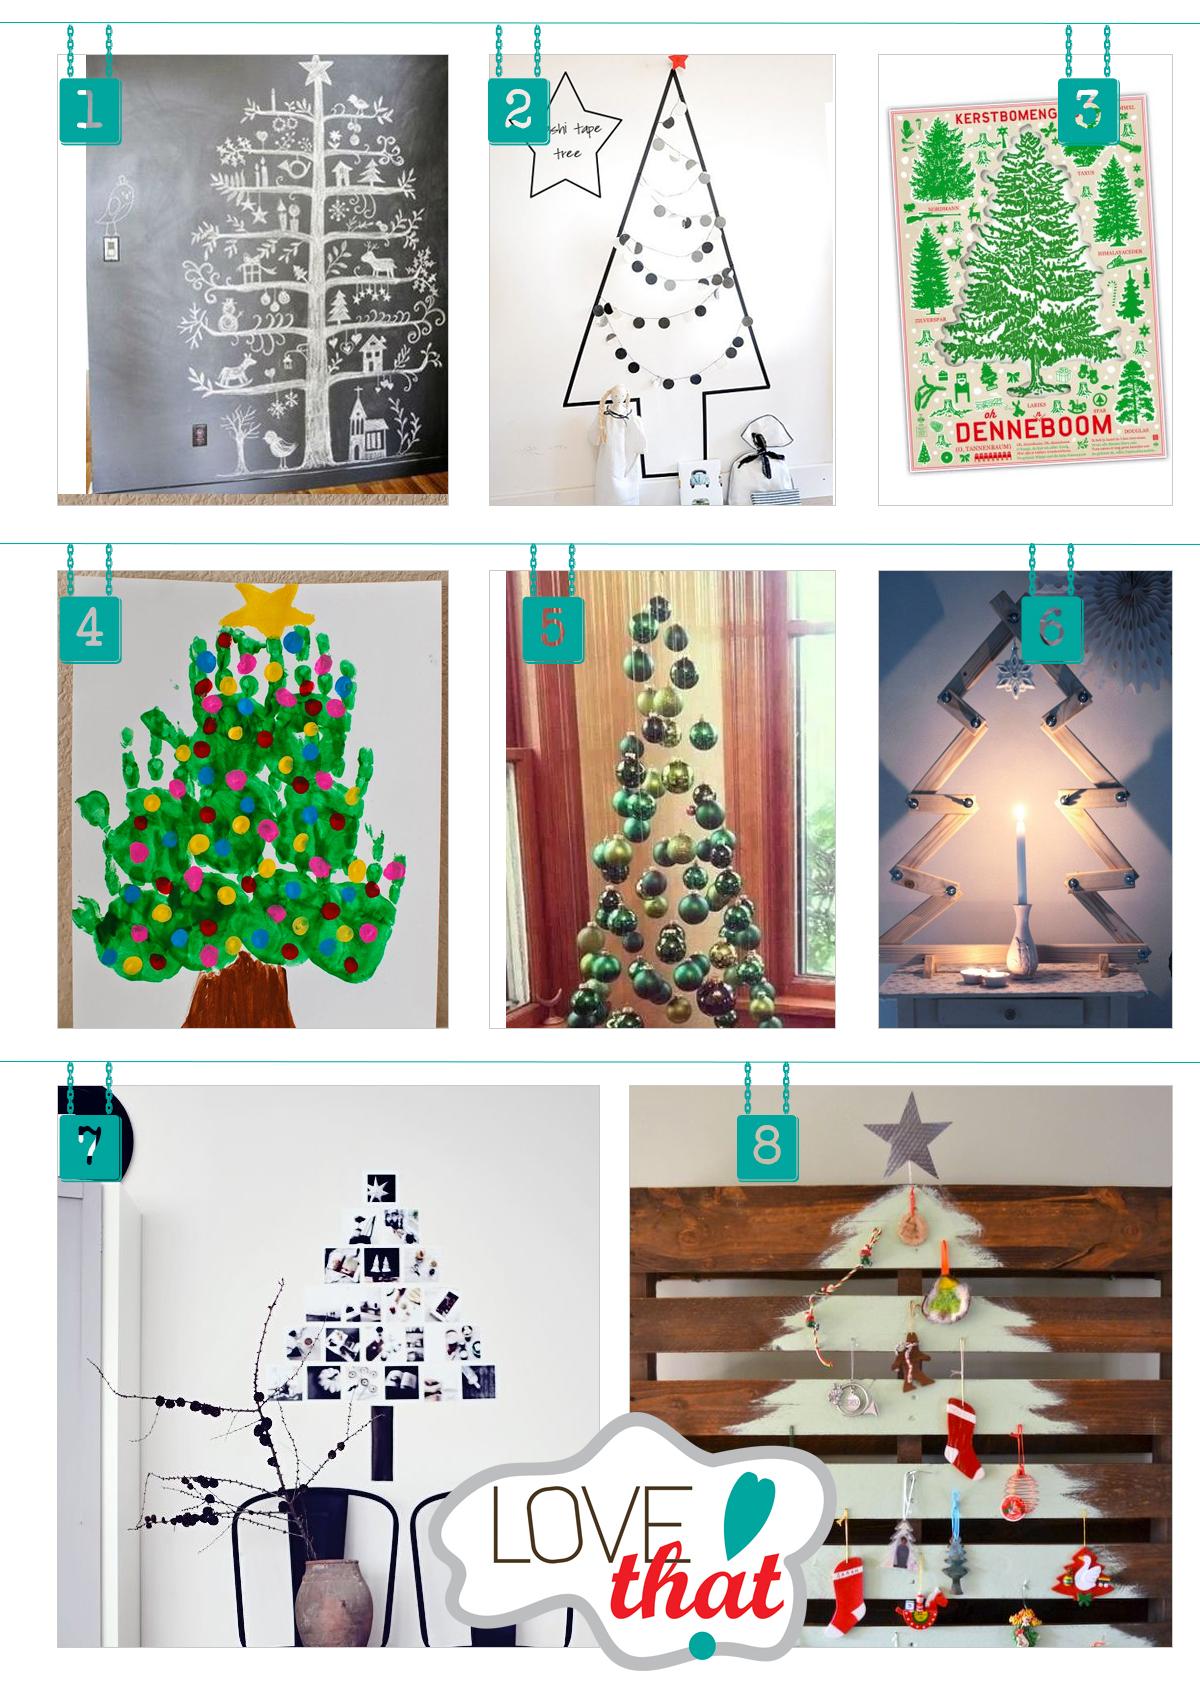 8-alternatieve-kerstbomen